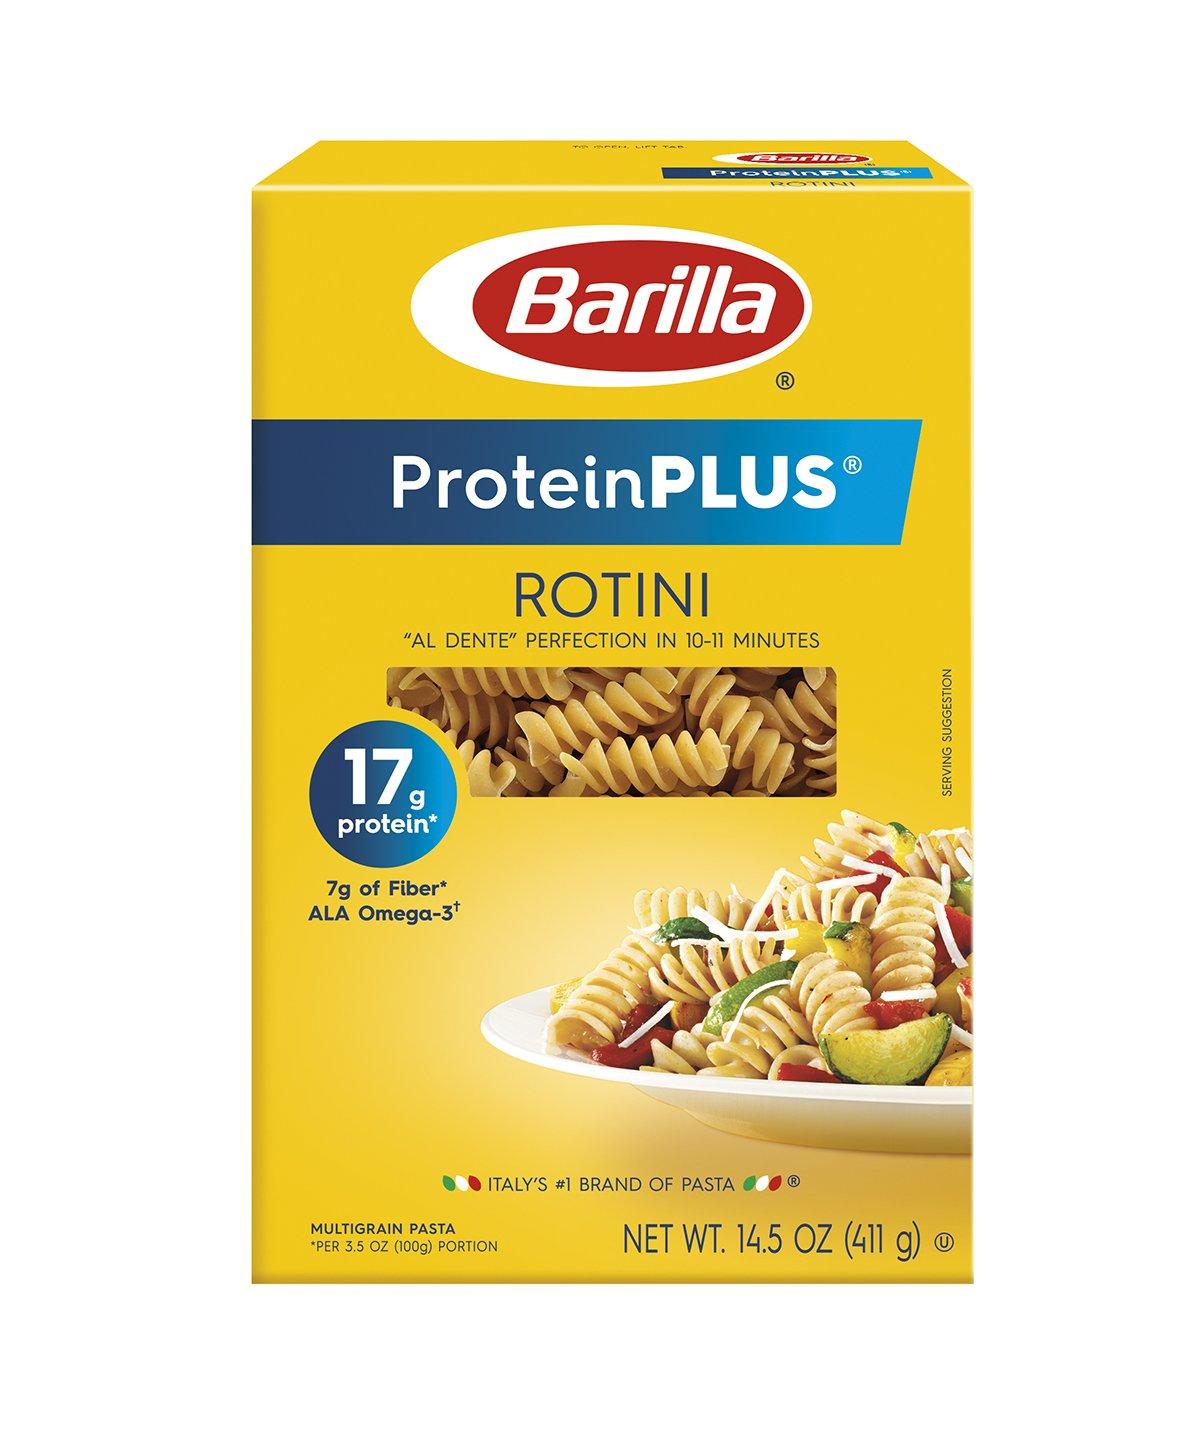 Rotini Pasta Nutrition